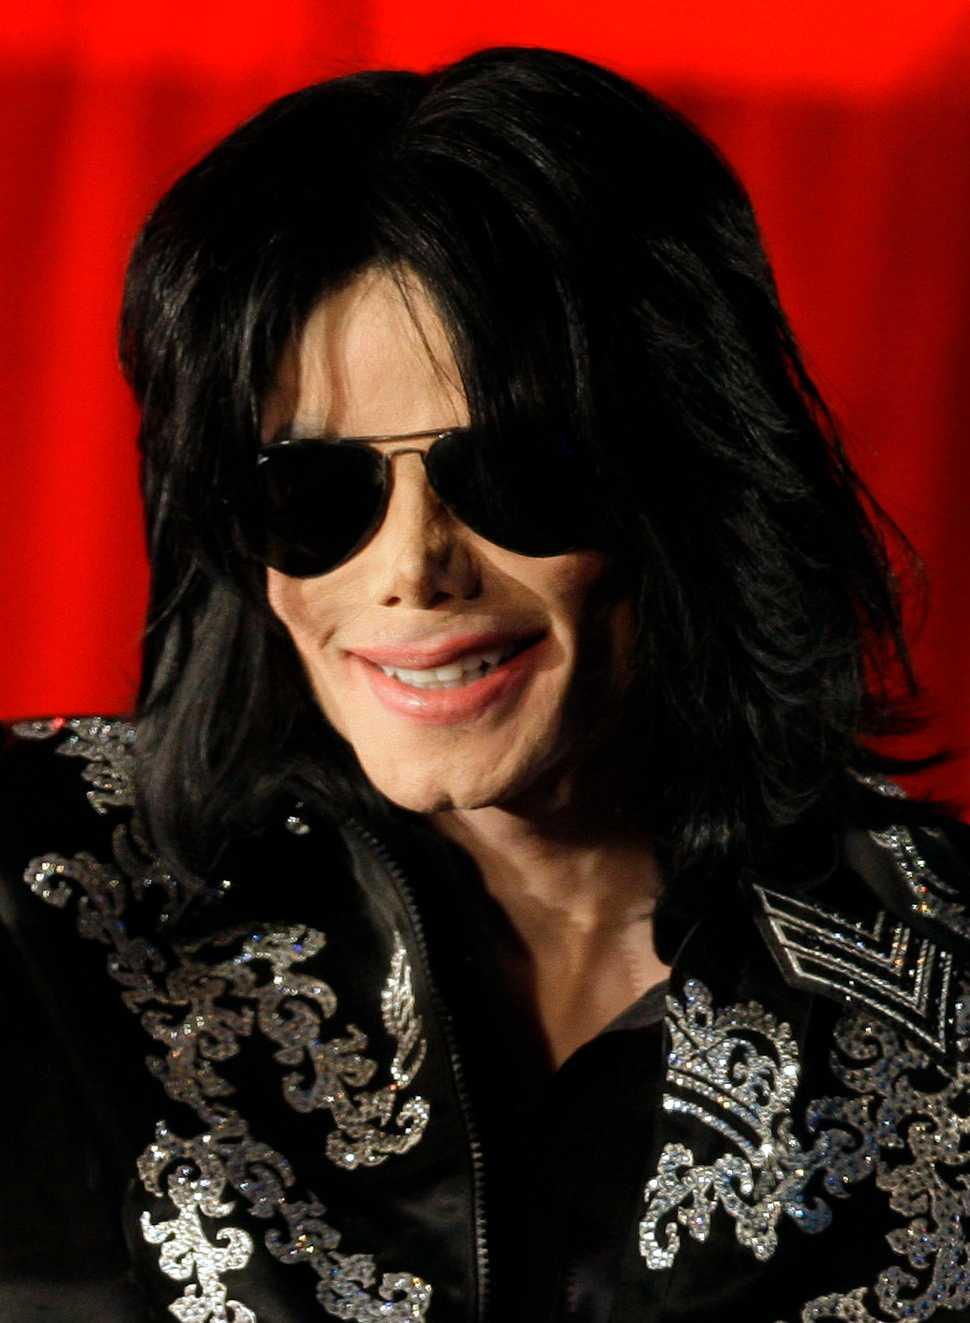 Michael Jackson dog av en överdos av narkosmedel.